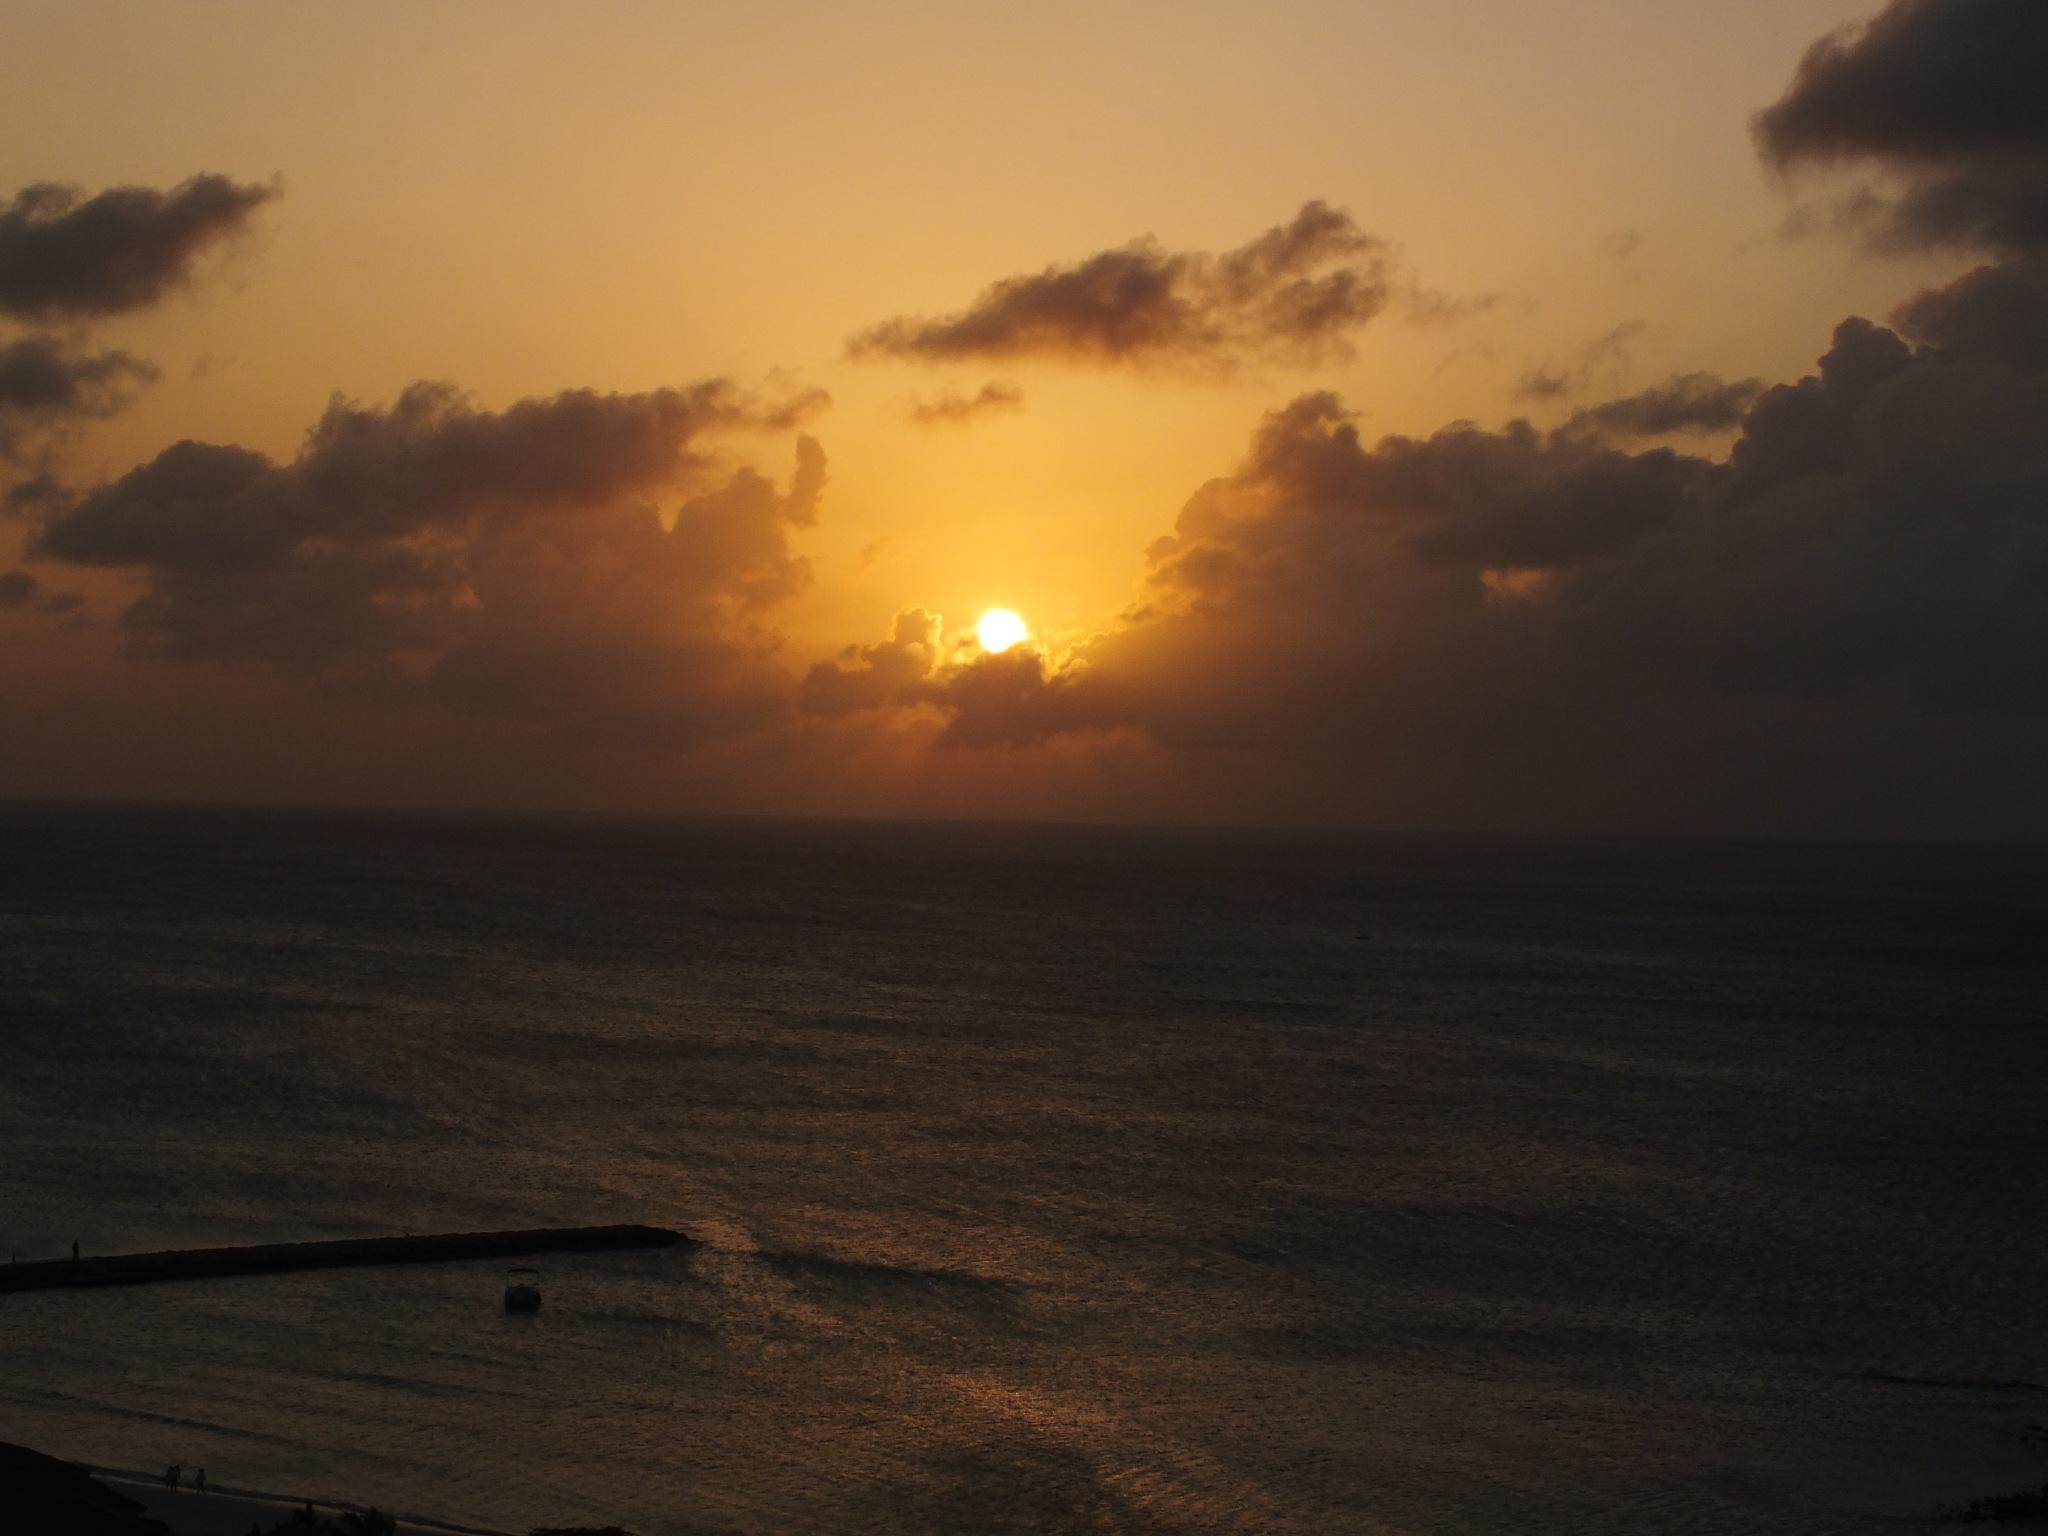 Aruba Sunset by John B. Nurek